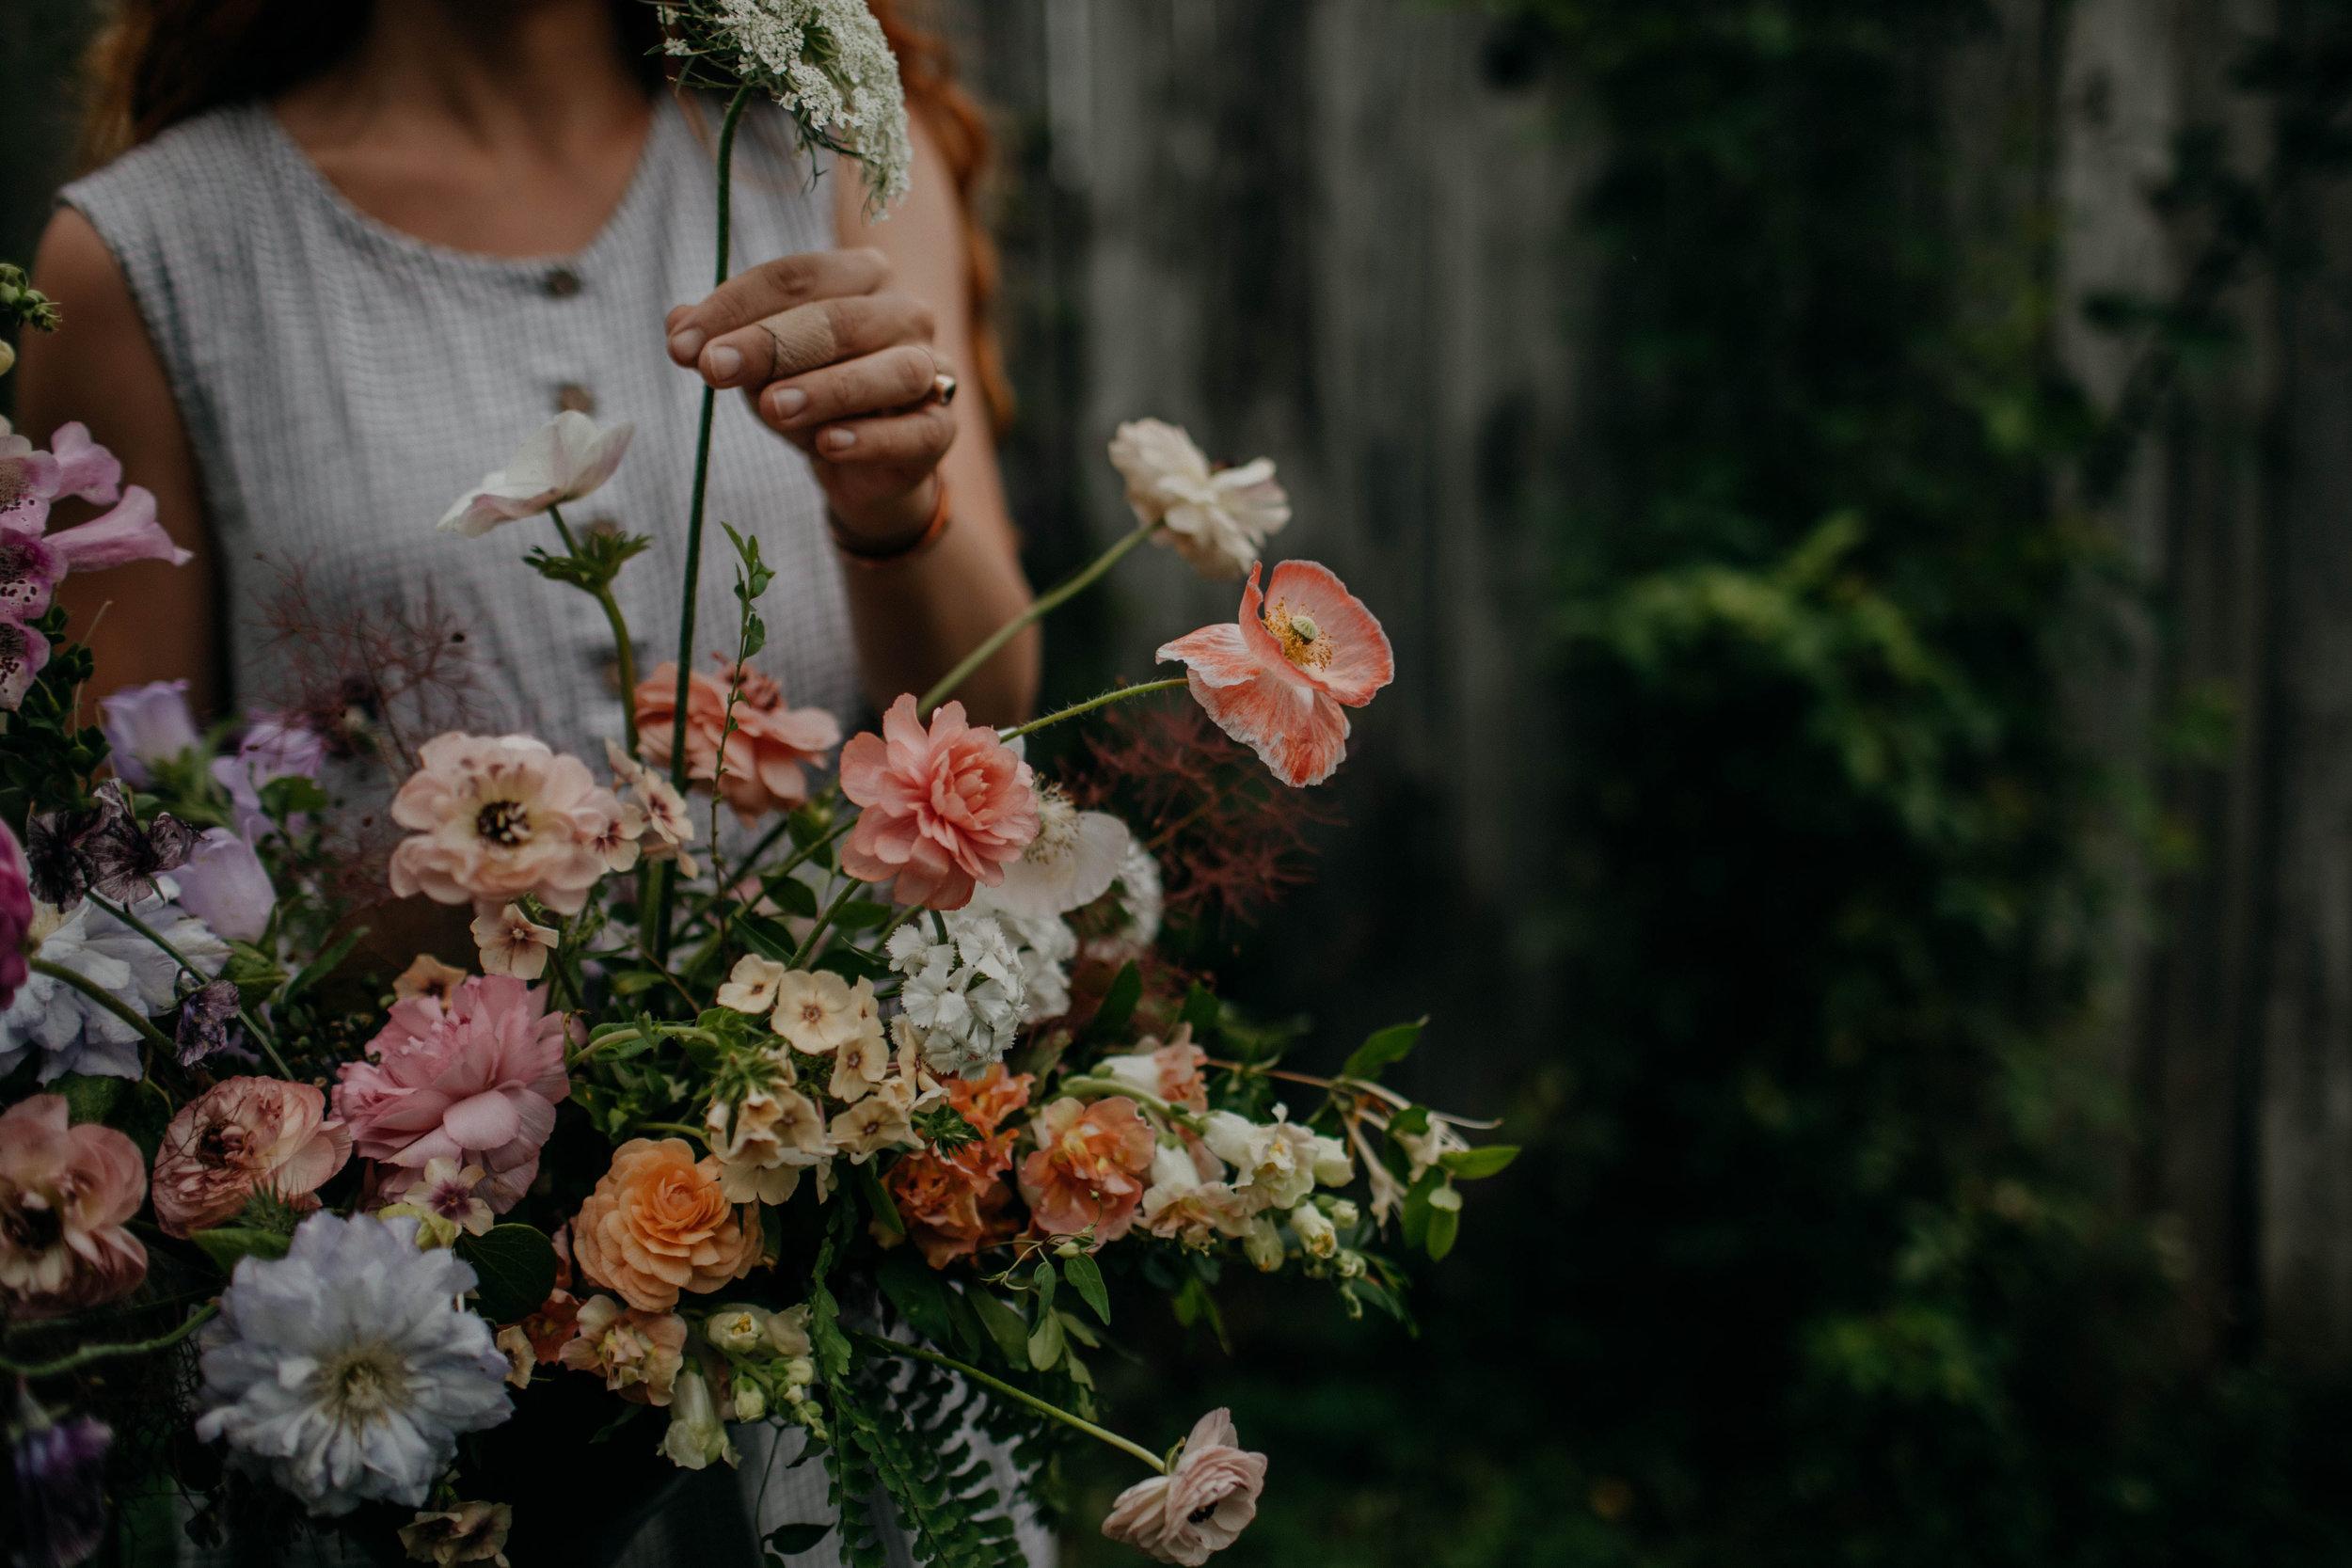 nashville floral workshop nashville tennessee wedding photographer78.jpg